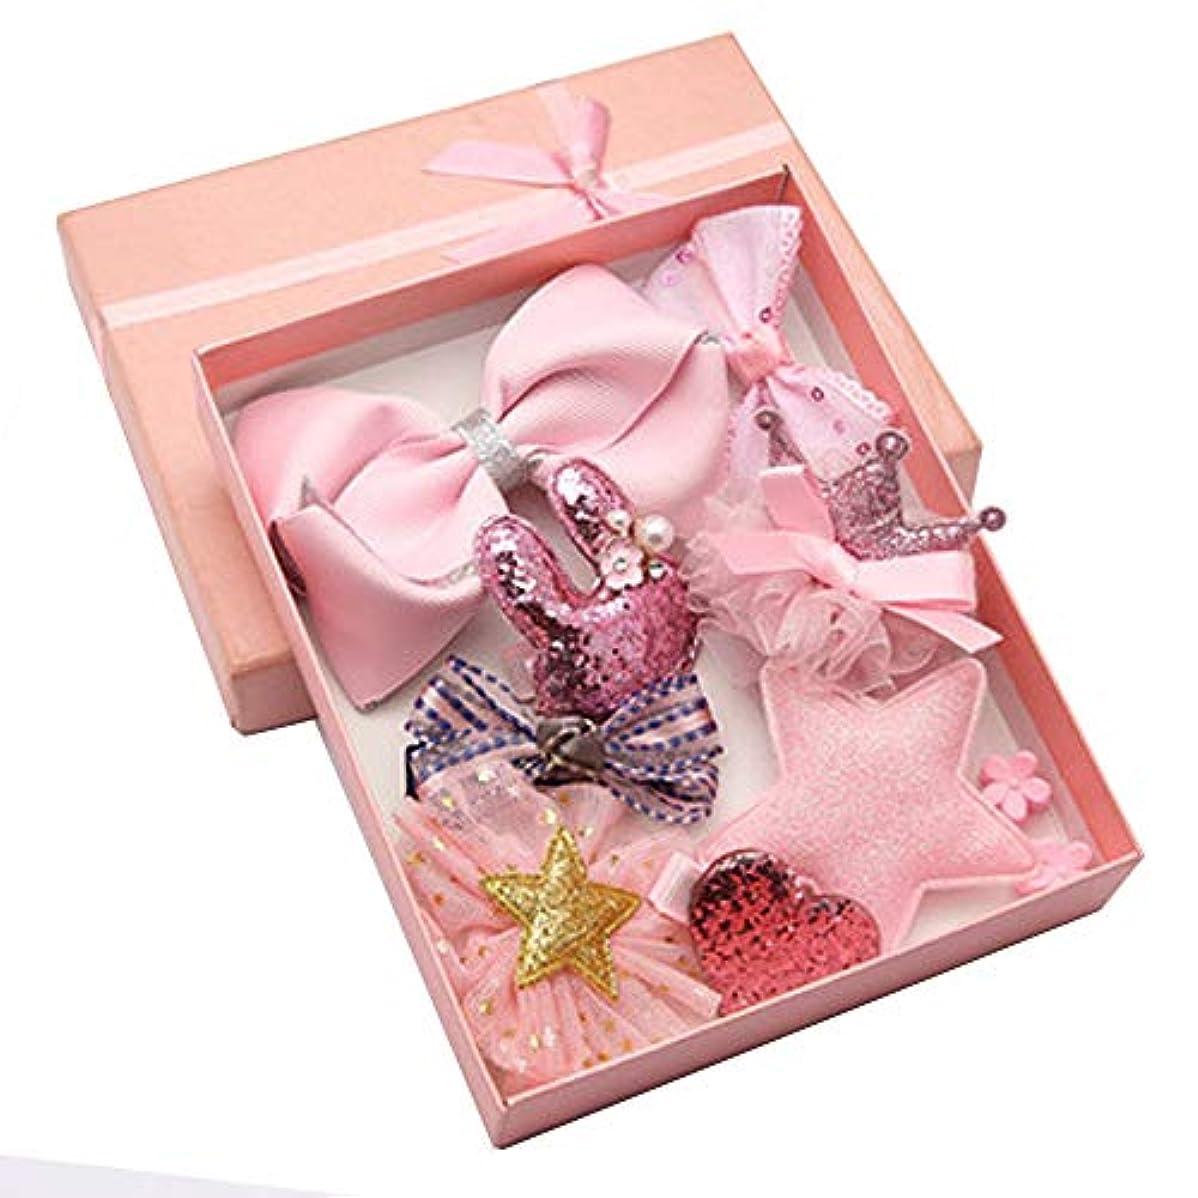 ありがたい進捗後ろにLazayyii 子供用ヘアアクセサリー赤ちゃん誕生日ギフト (ピンク)